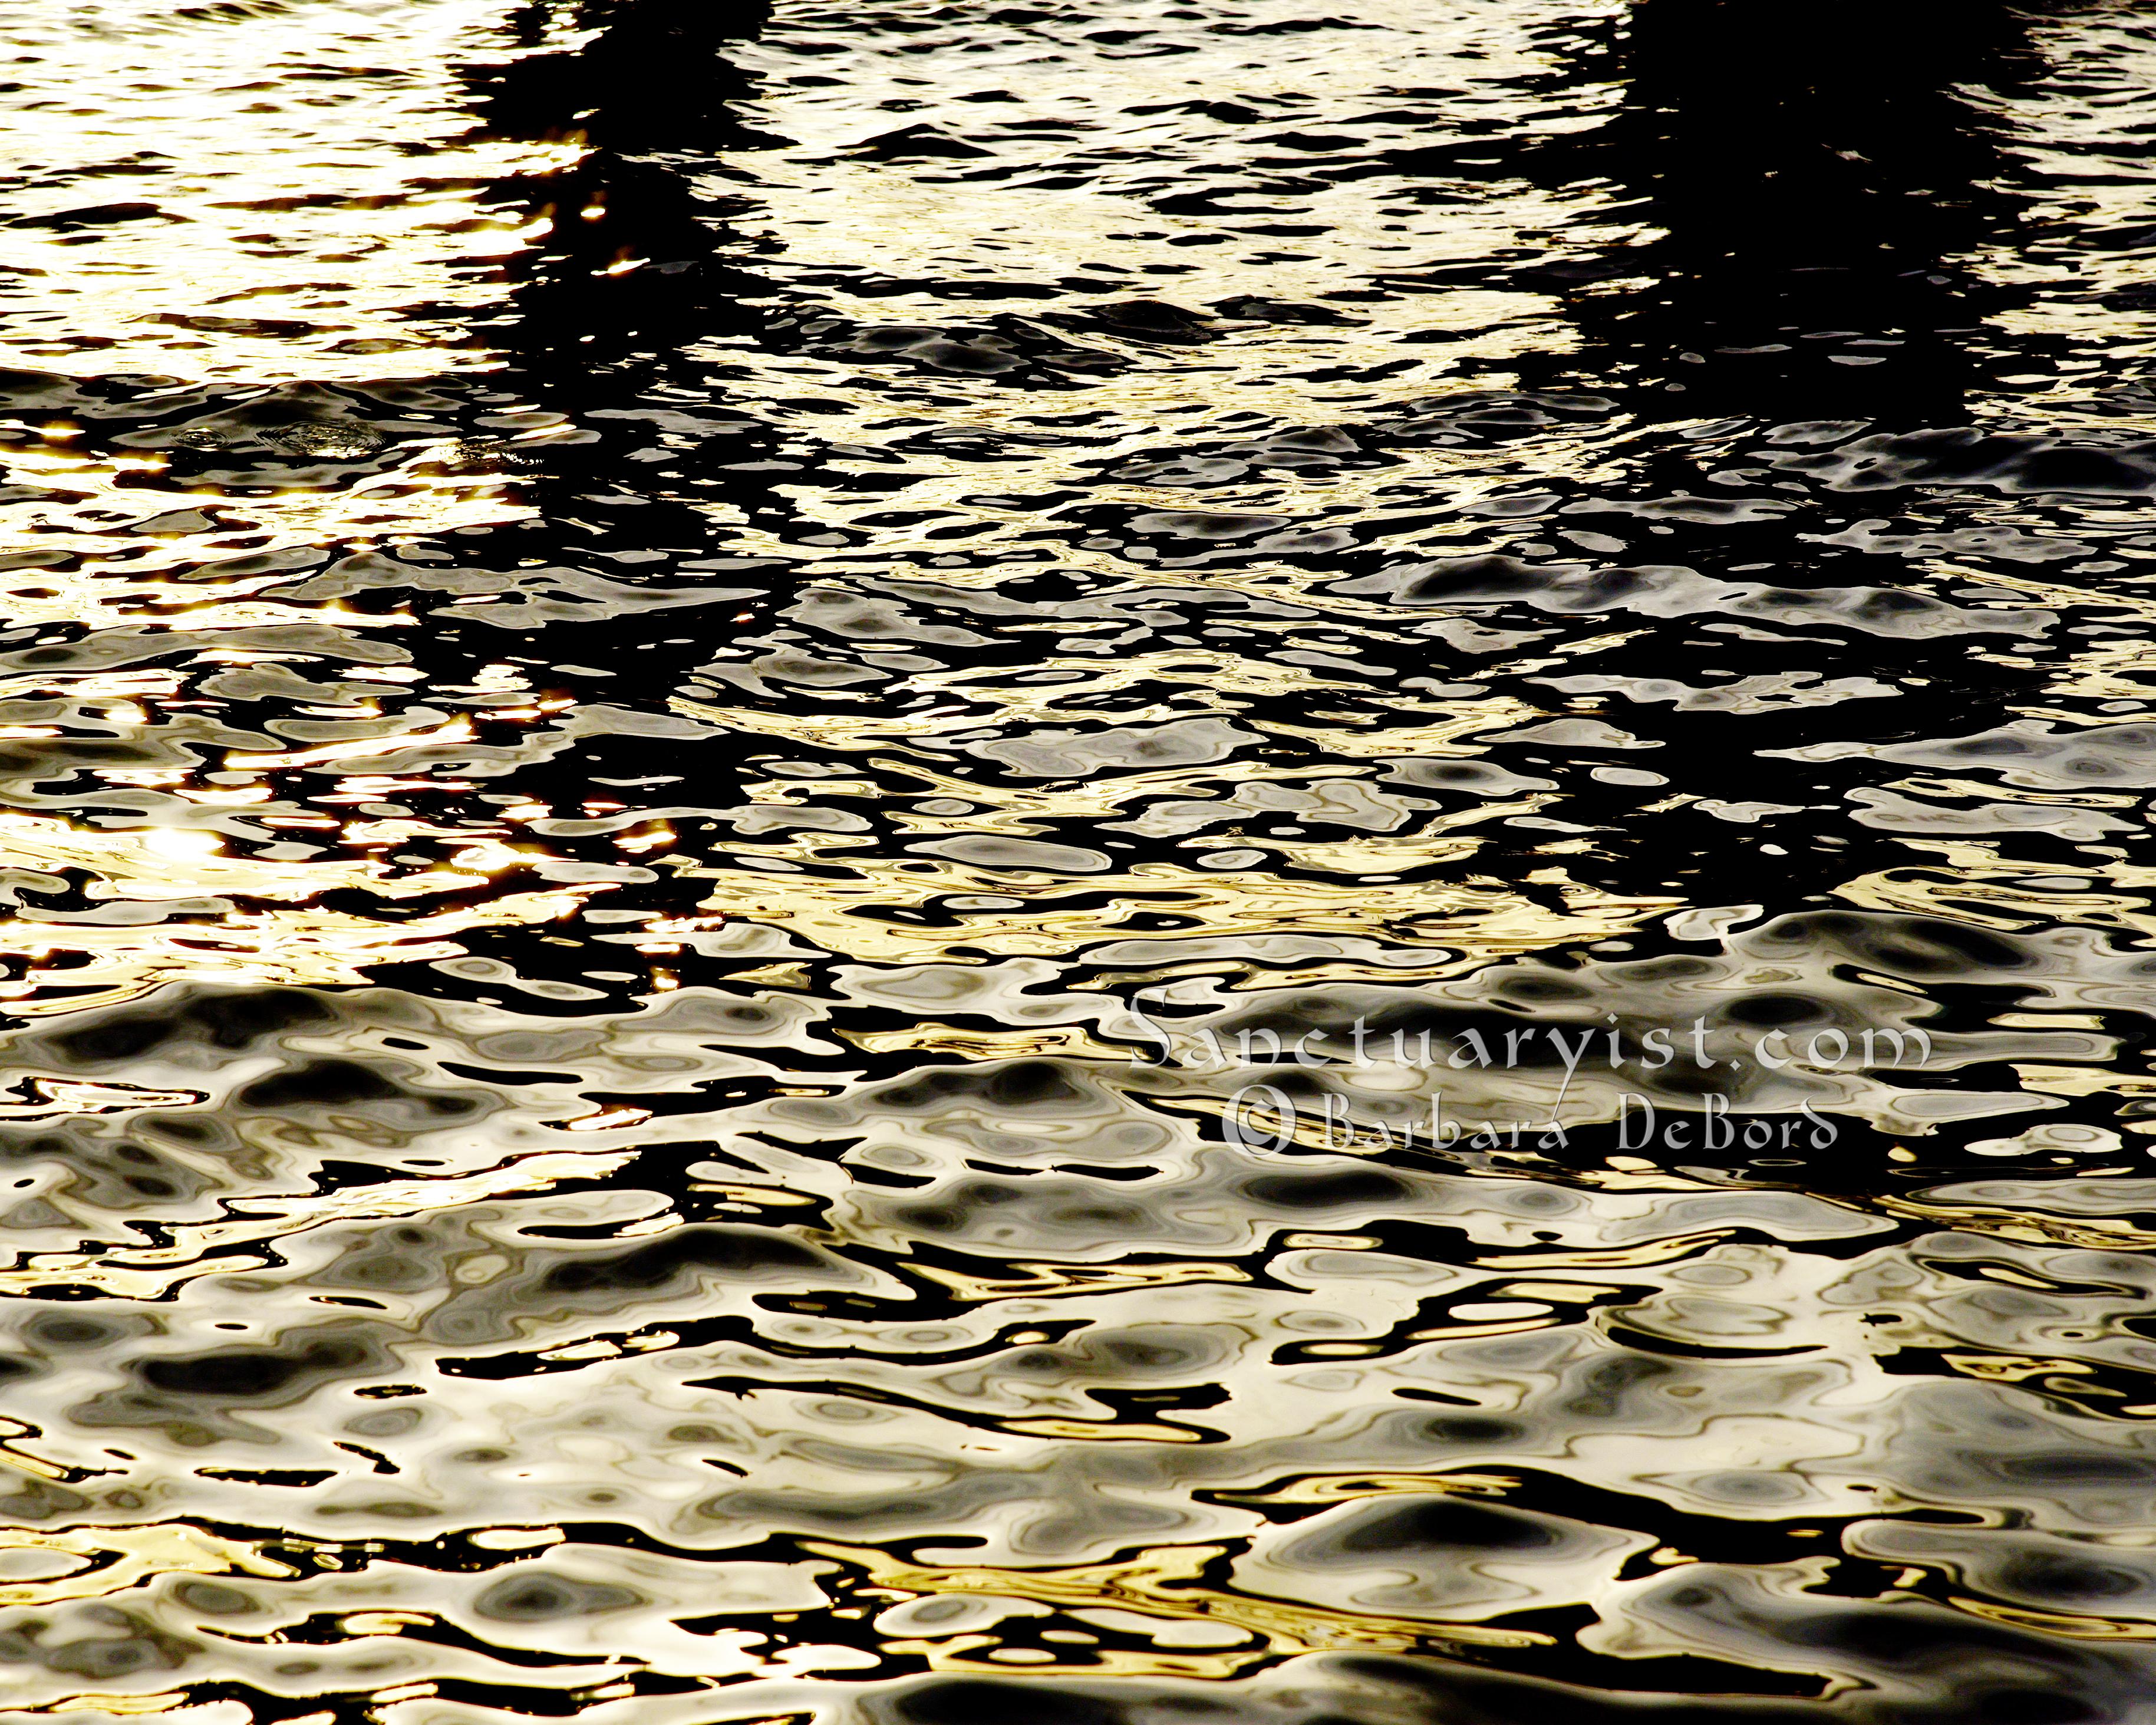 Grey Gold & Black Leopard Seas No 14